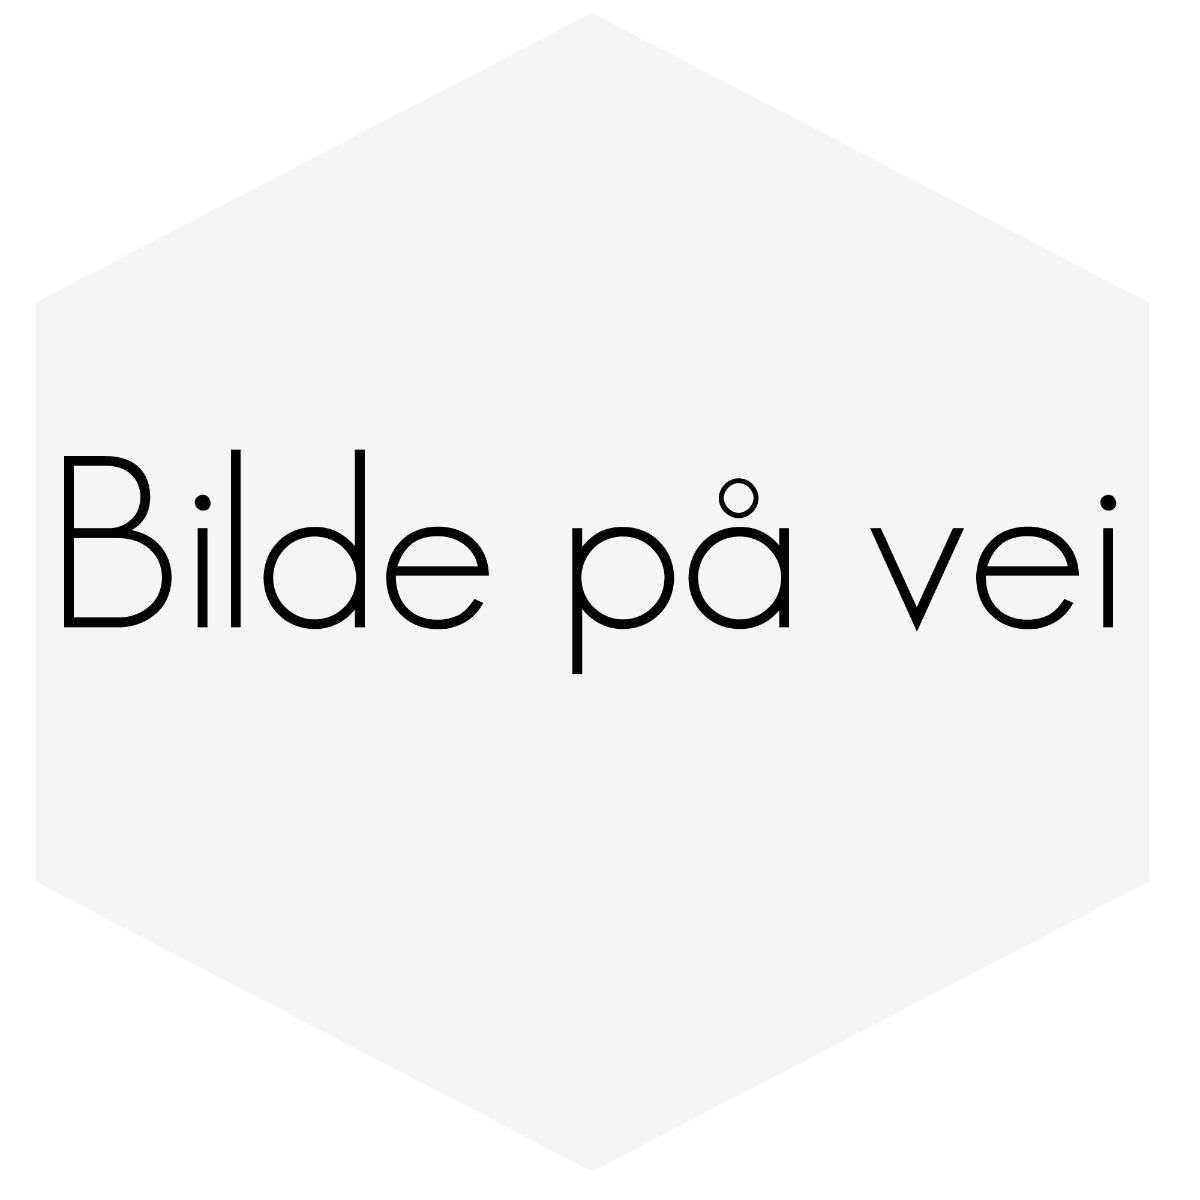 KANNAL KOMPL. 700-900-S/V90 ALLE VENSTRE SIDE (SVEISEBLIKK)